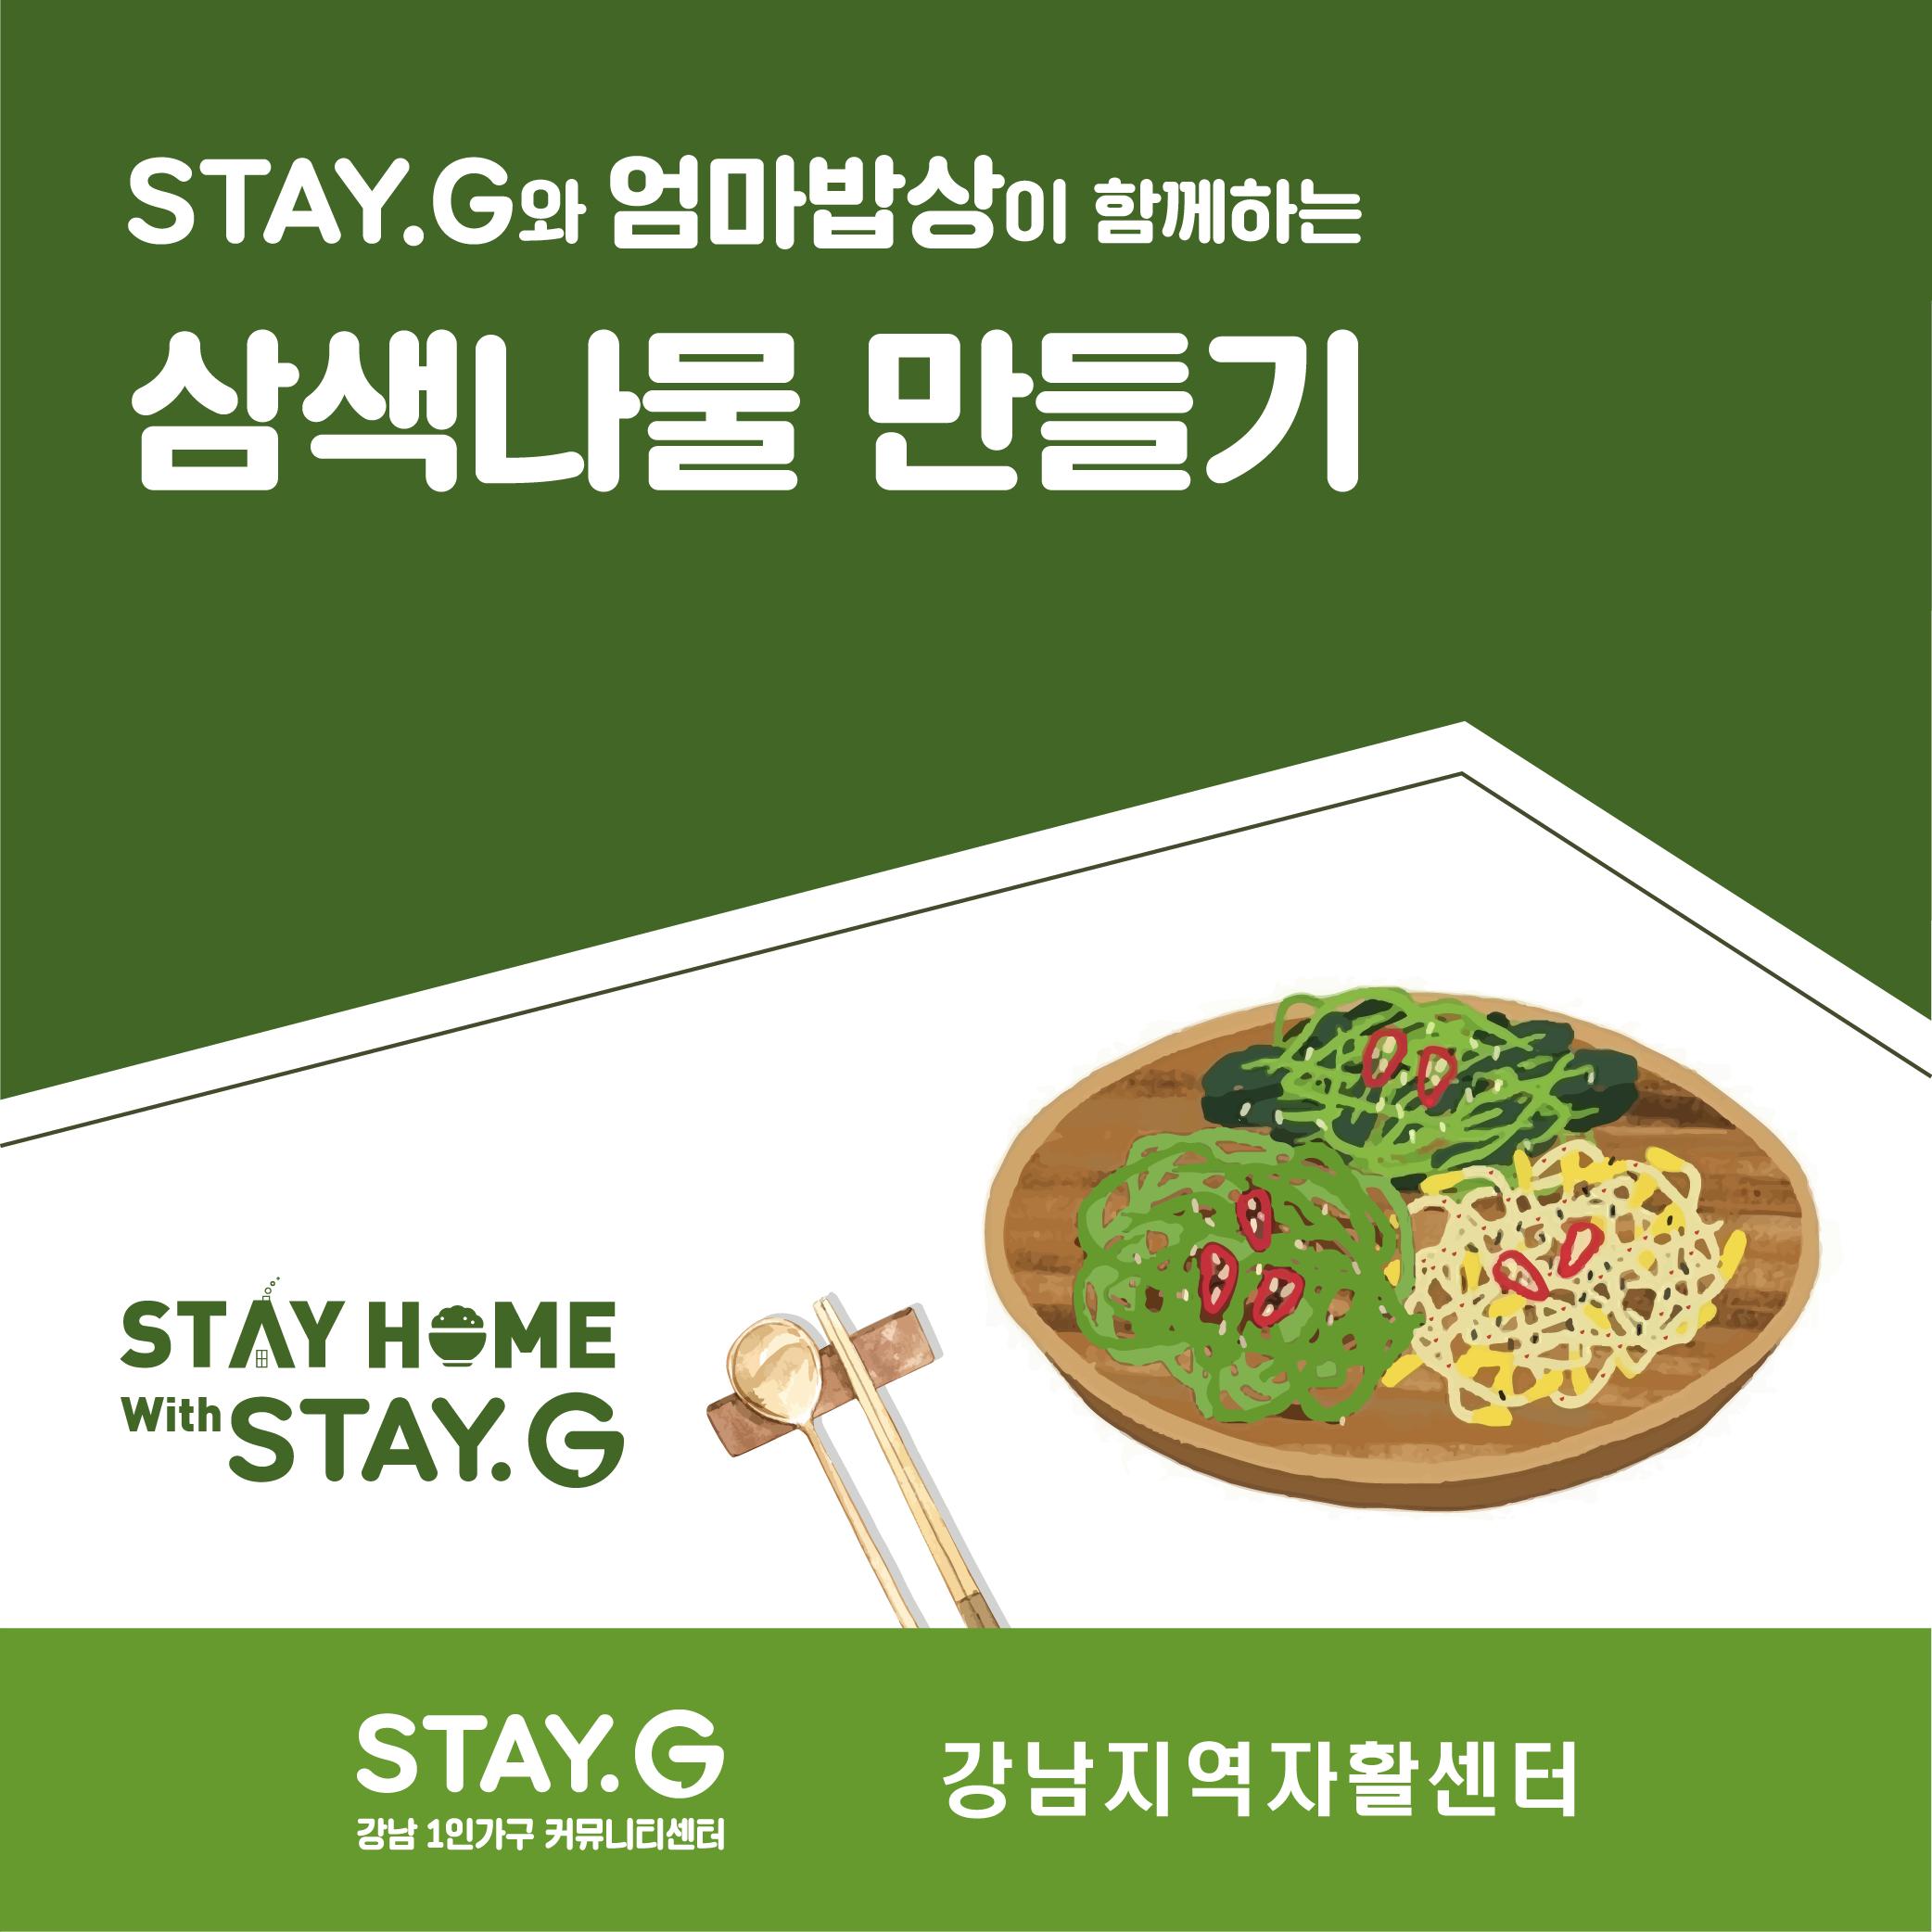 11월 라이브 소셜다이닝(엄마밥상XSTAY.G)